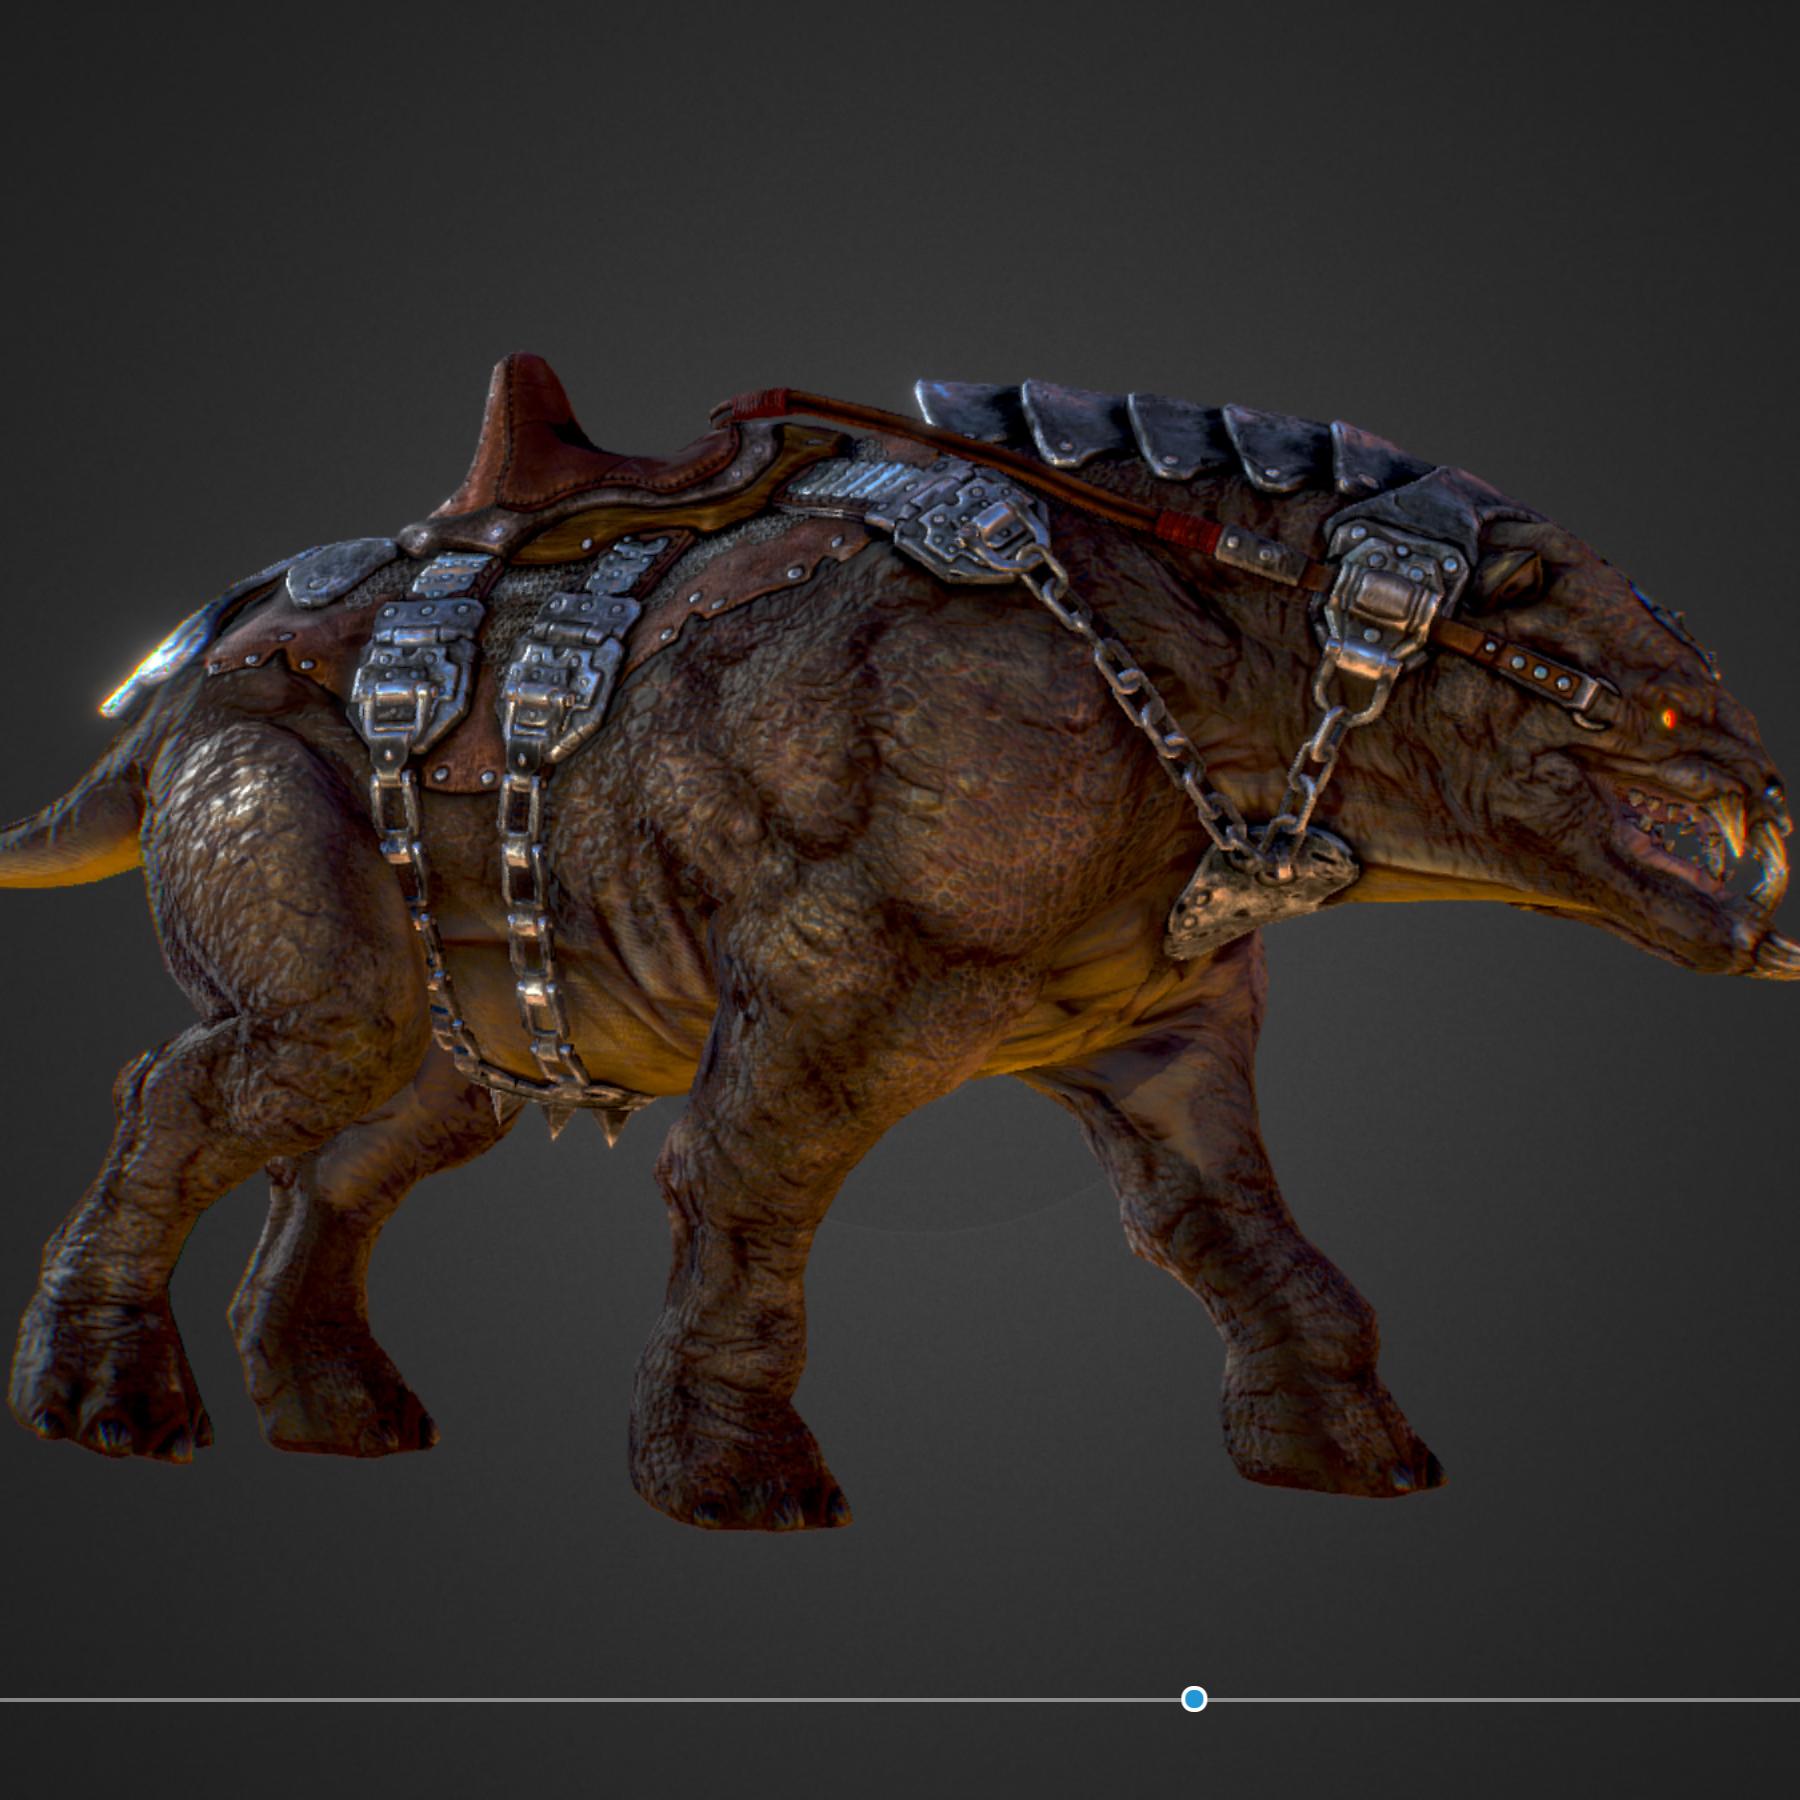 creature mount mastodont 3d model max  fbx ma mb obj 272410